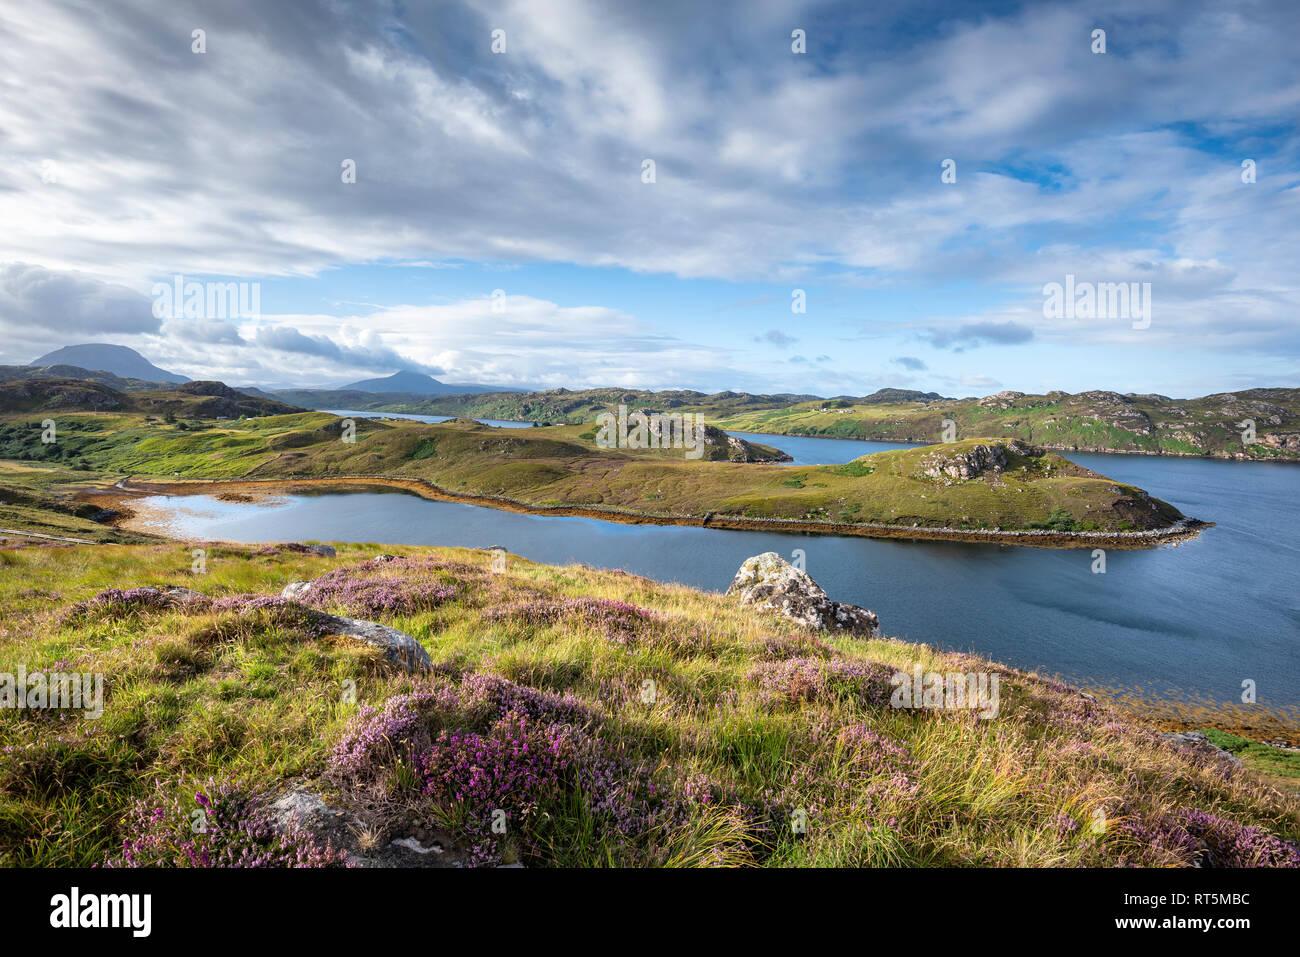 Regno Unito, Scozia, Highland scozzesi, Sutherland, Kinlochbervie, Loch Inchard e luce solare Foto Stock